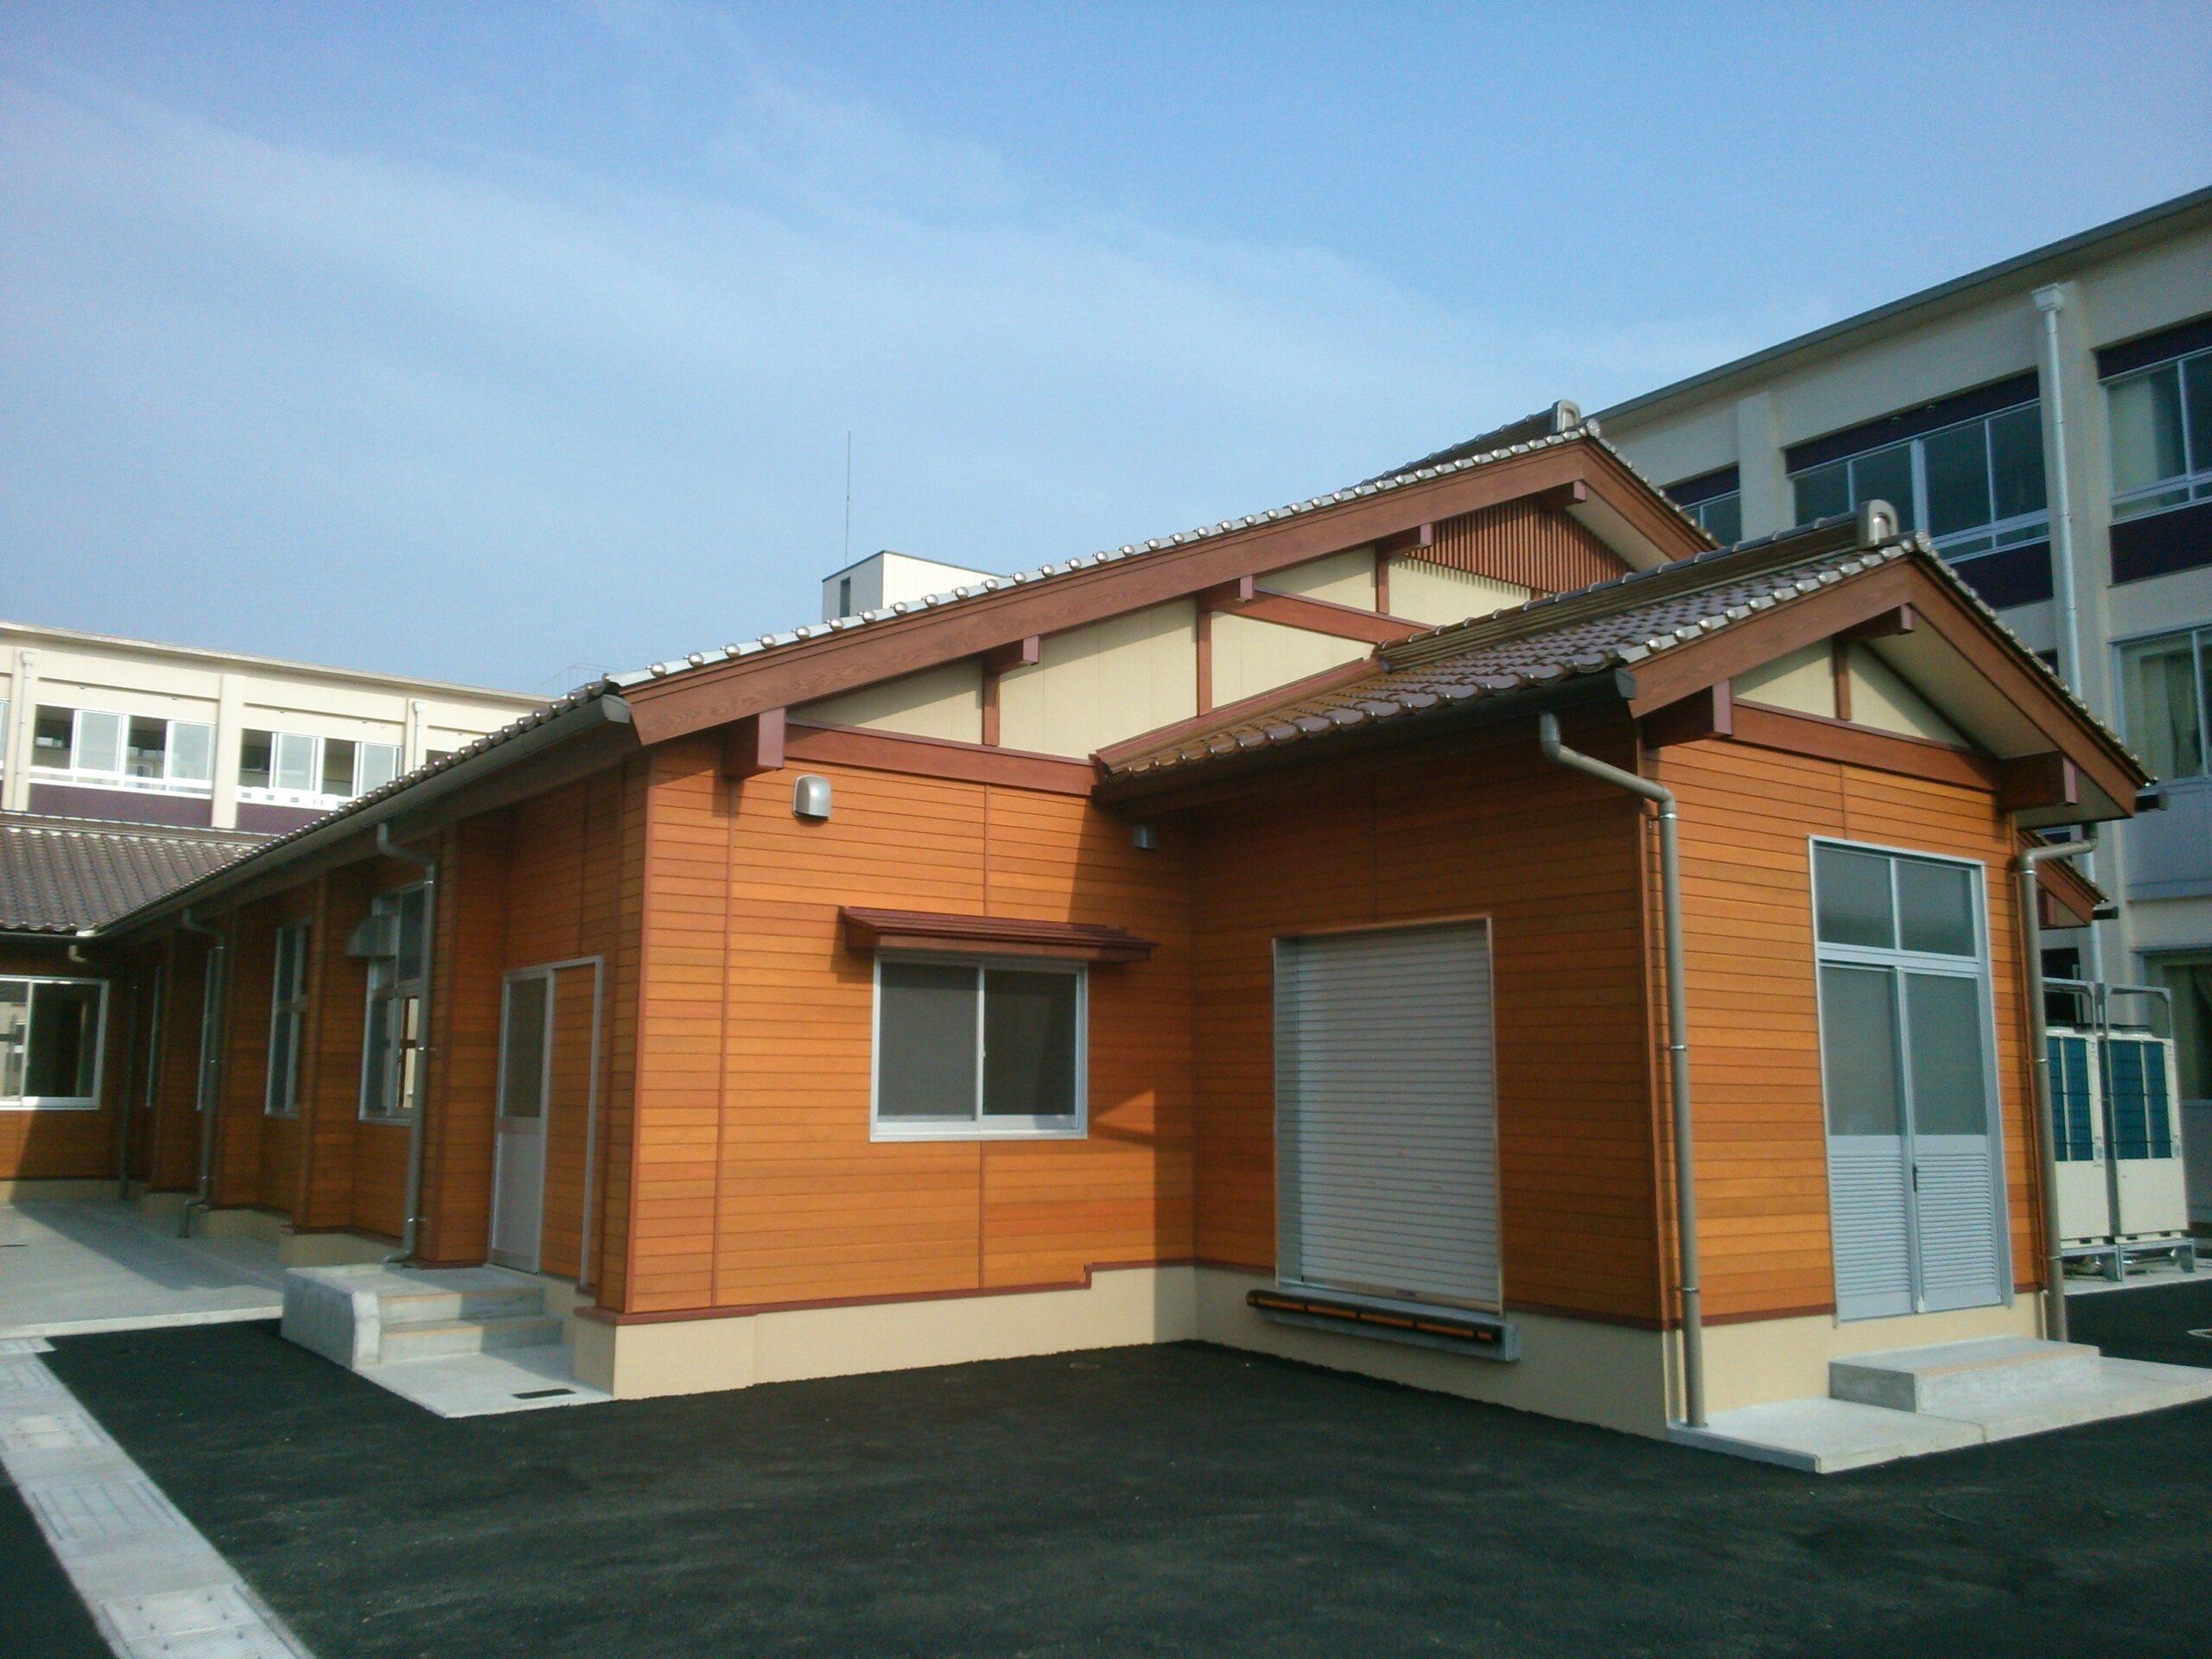 琴の浦高等特別支援学校